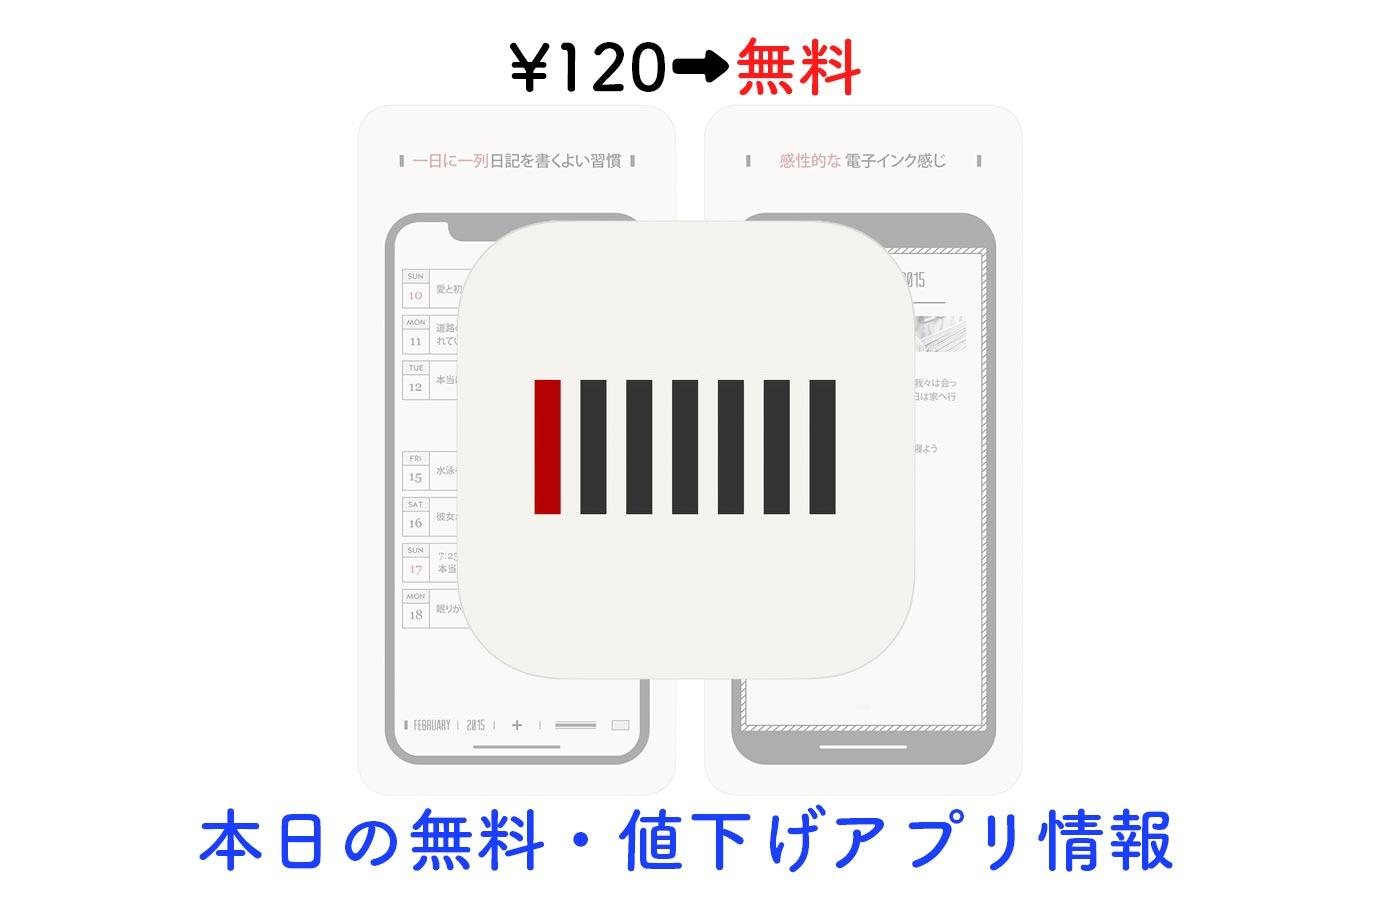 ¥120→無料、一日1行でもOKのシンプルな日記アプリ「DayGram」など【3/15】セールアプリ情報